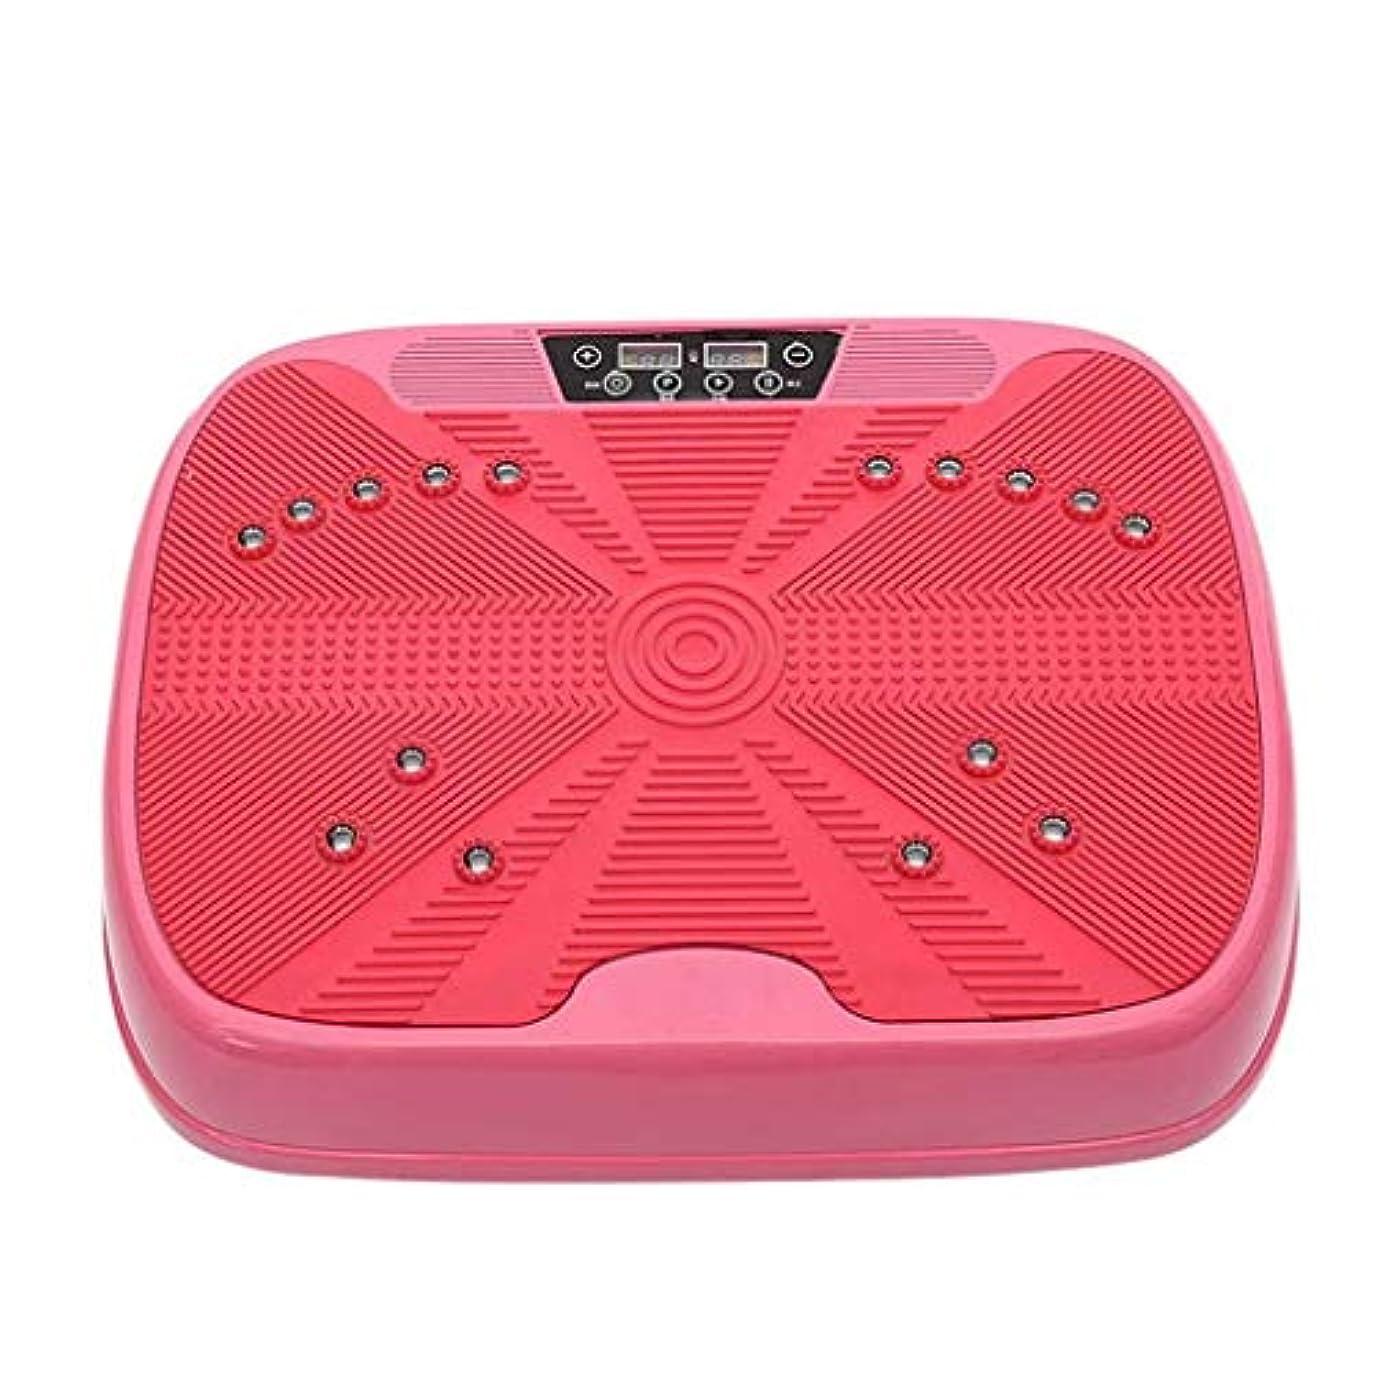 一貫性のない一次良い減量機、ジム/ホームフィットネス振動パワーボード、多機能モードモーション振動トレーナー、99レベルのスピードジム減量(最大負荷120KG) (Color : ピンク)